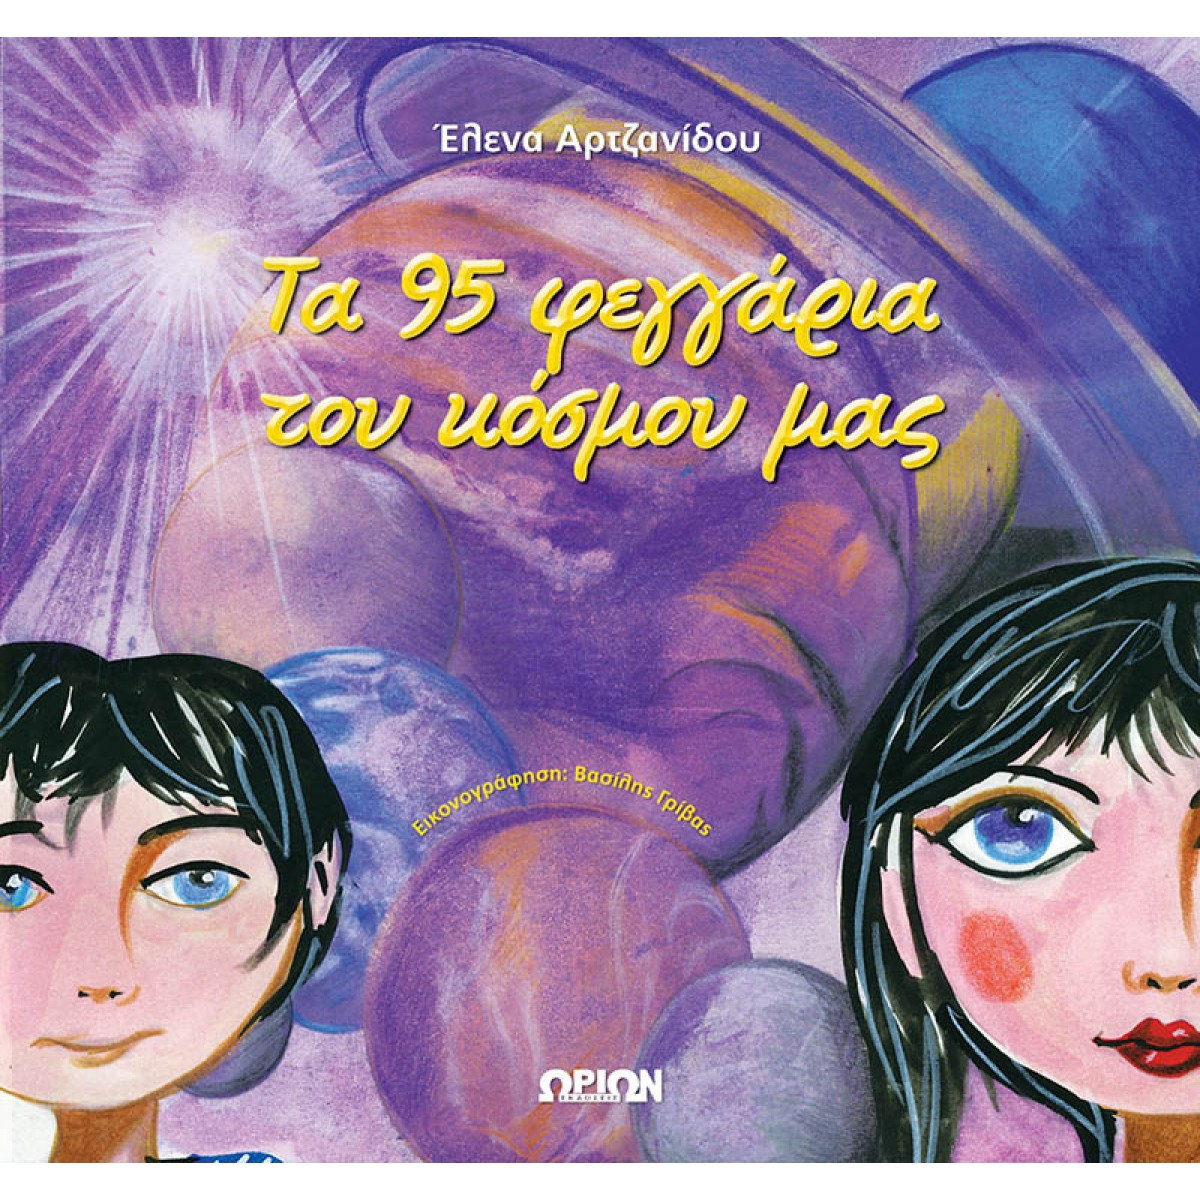 ΤΑ 95 ΦΕΓΓΑΡΙΑ ΤΟΥ ΚΟΣΜΟΥ ΜΑΣ Βιβλία Ωρίων